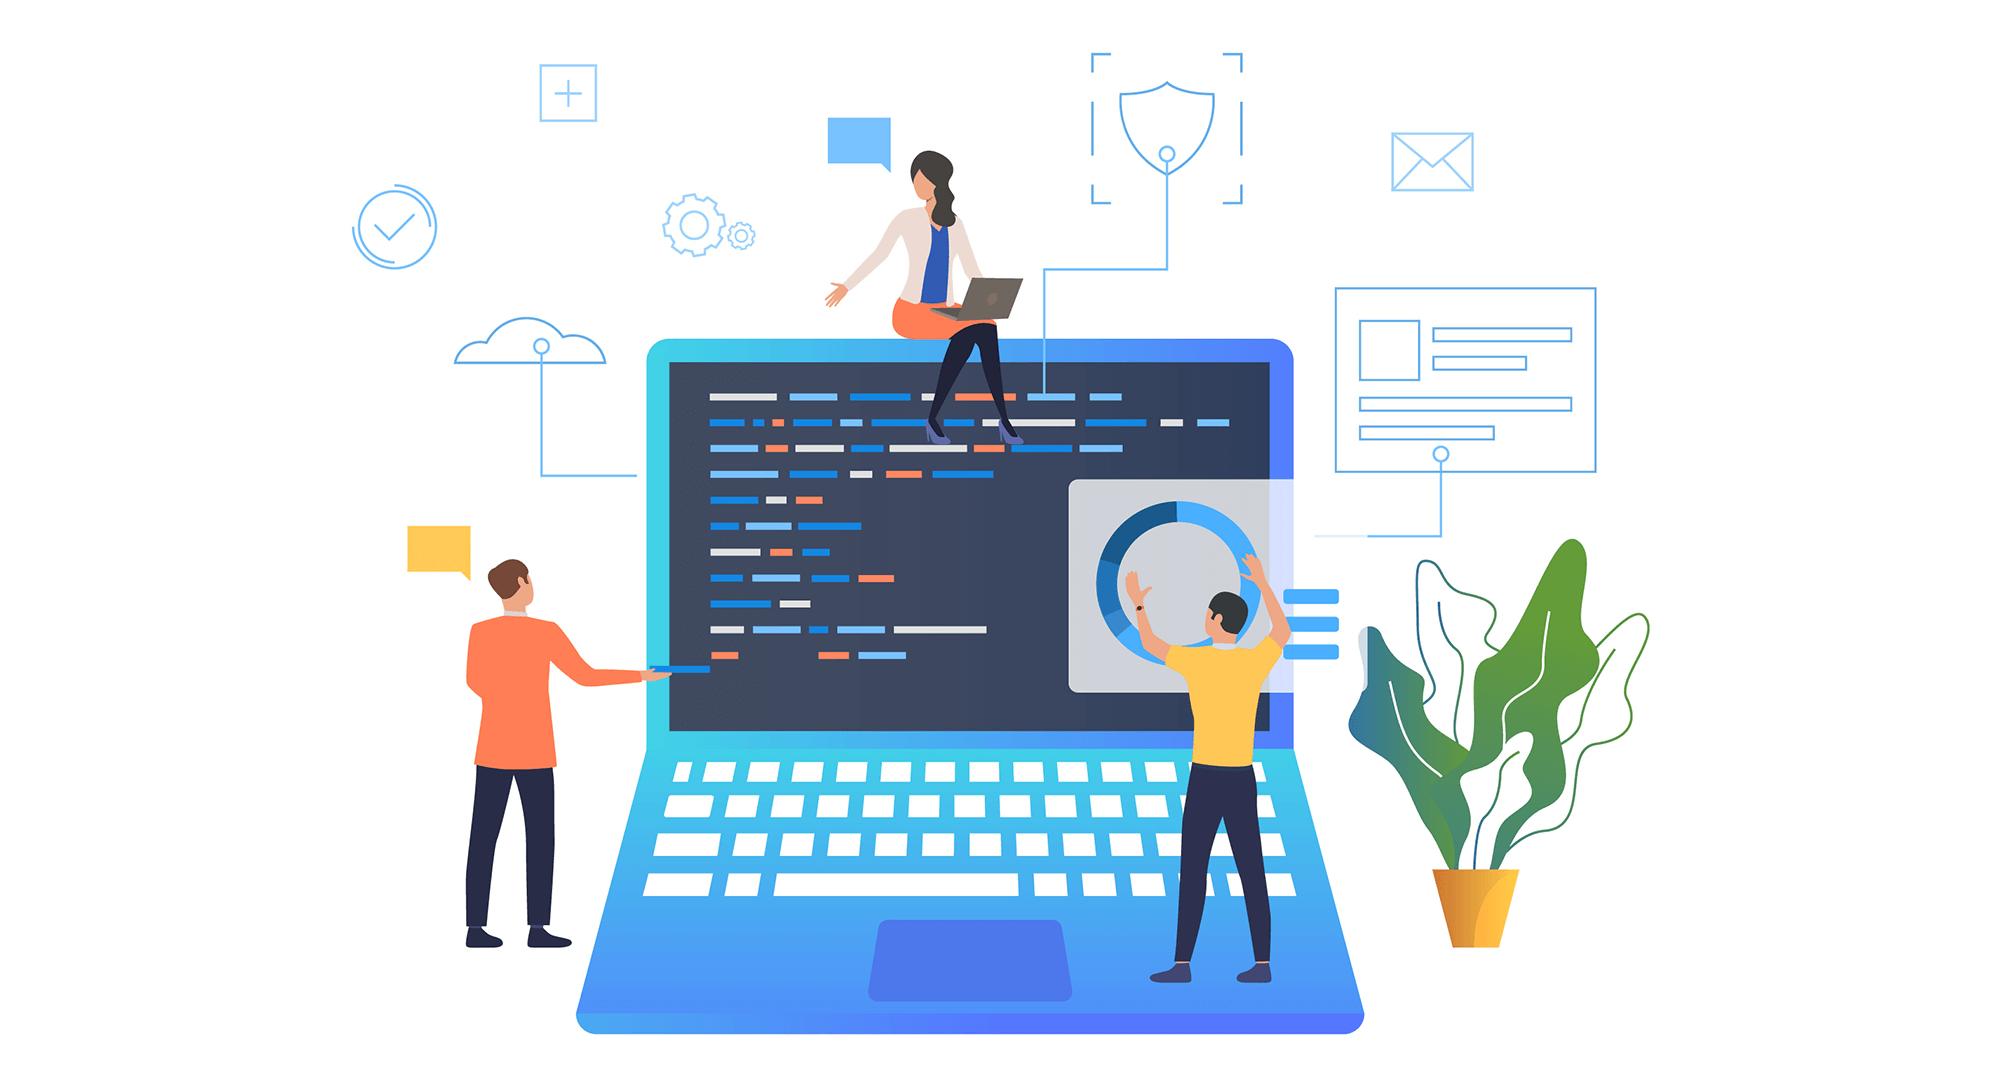 برنامه اوپن سورس (Open Source) چیست؟